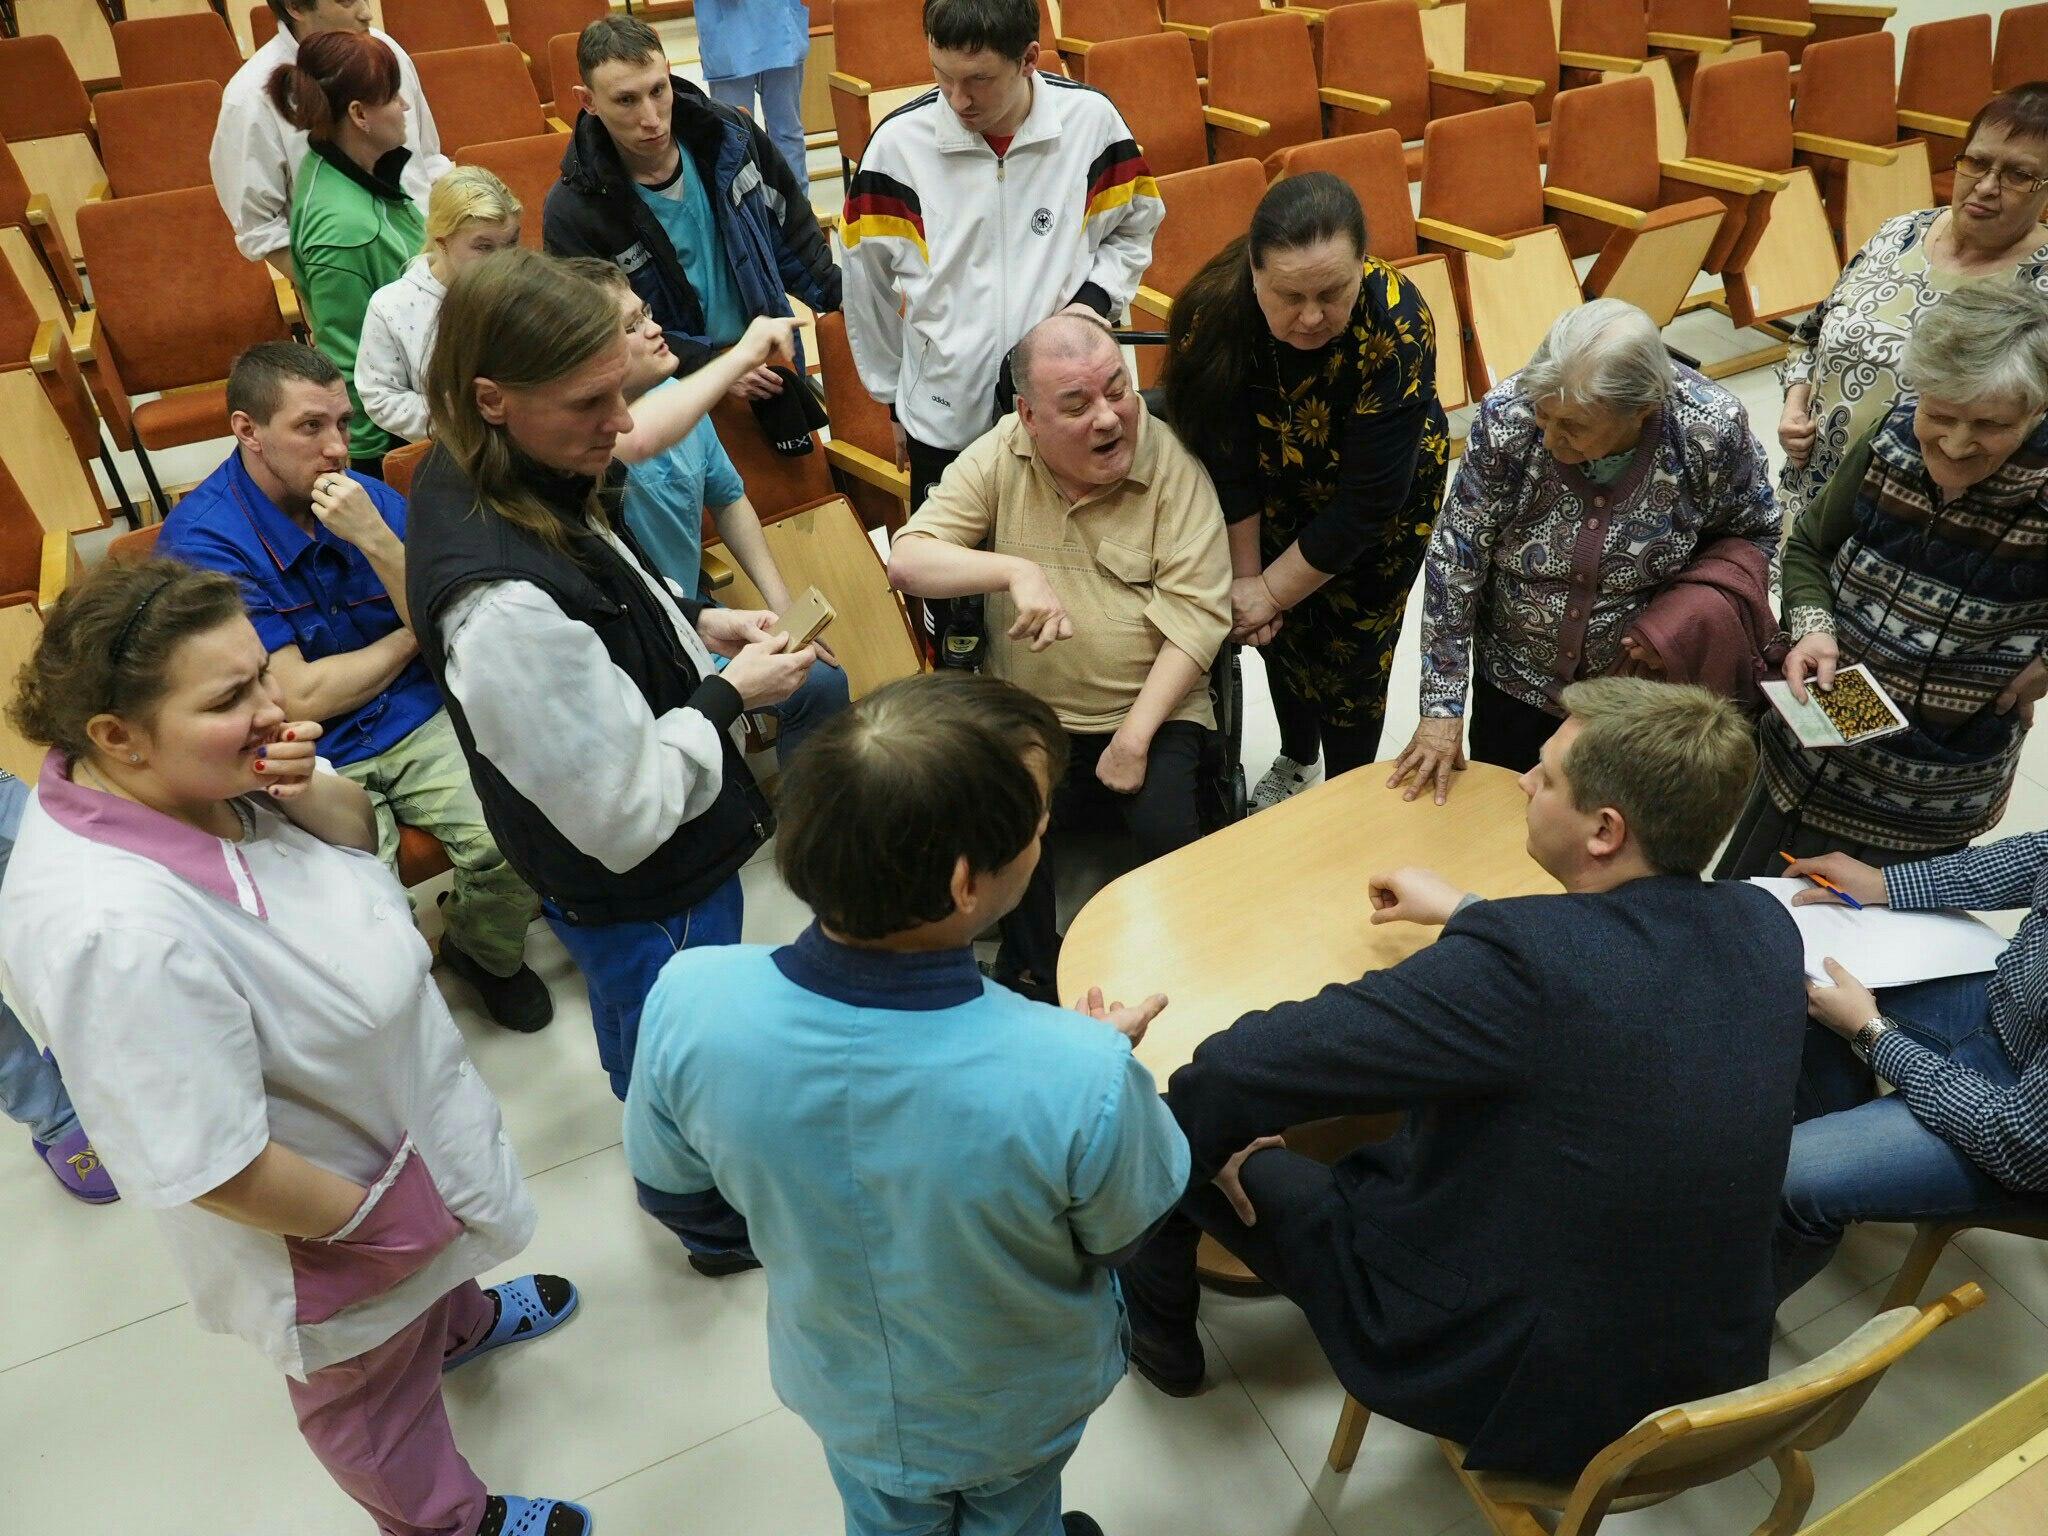 Пансионат уктус для престарелых православный дом престарелых обухов